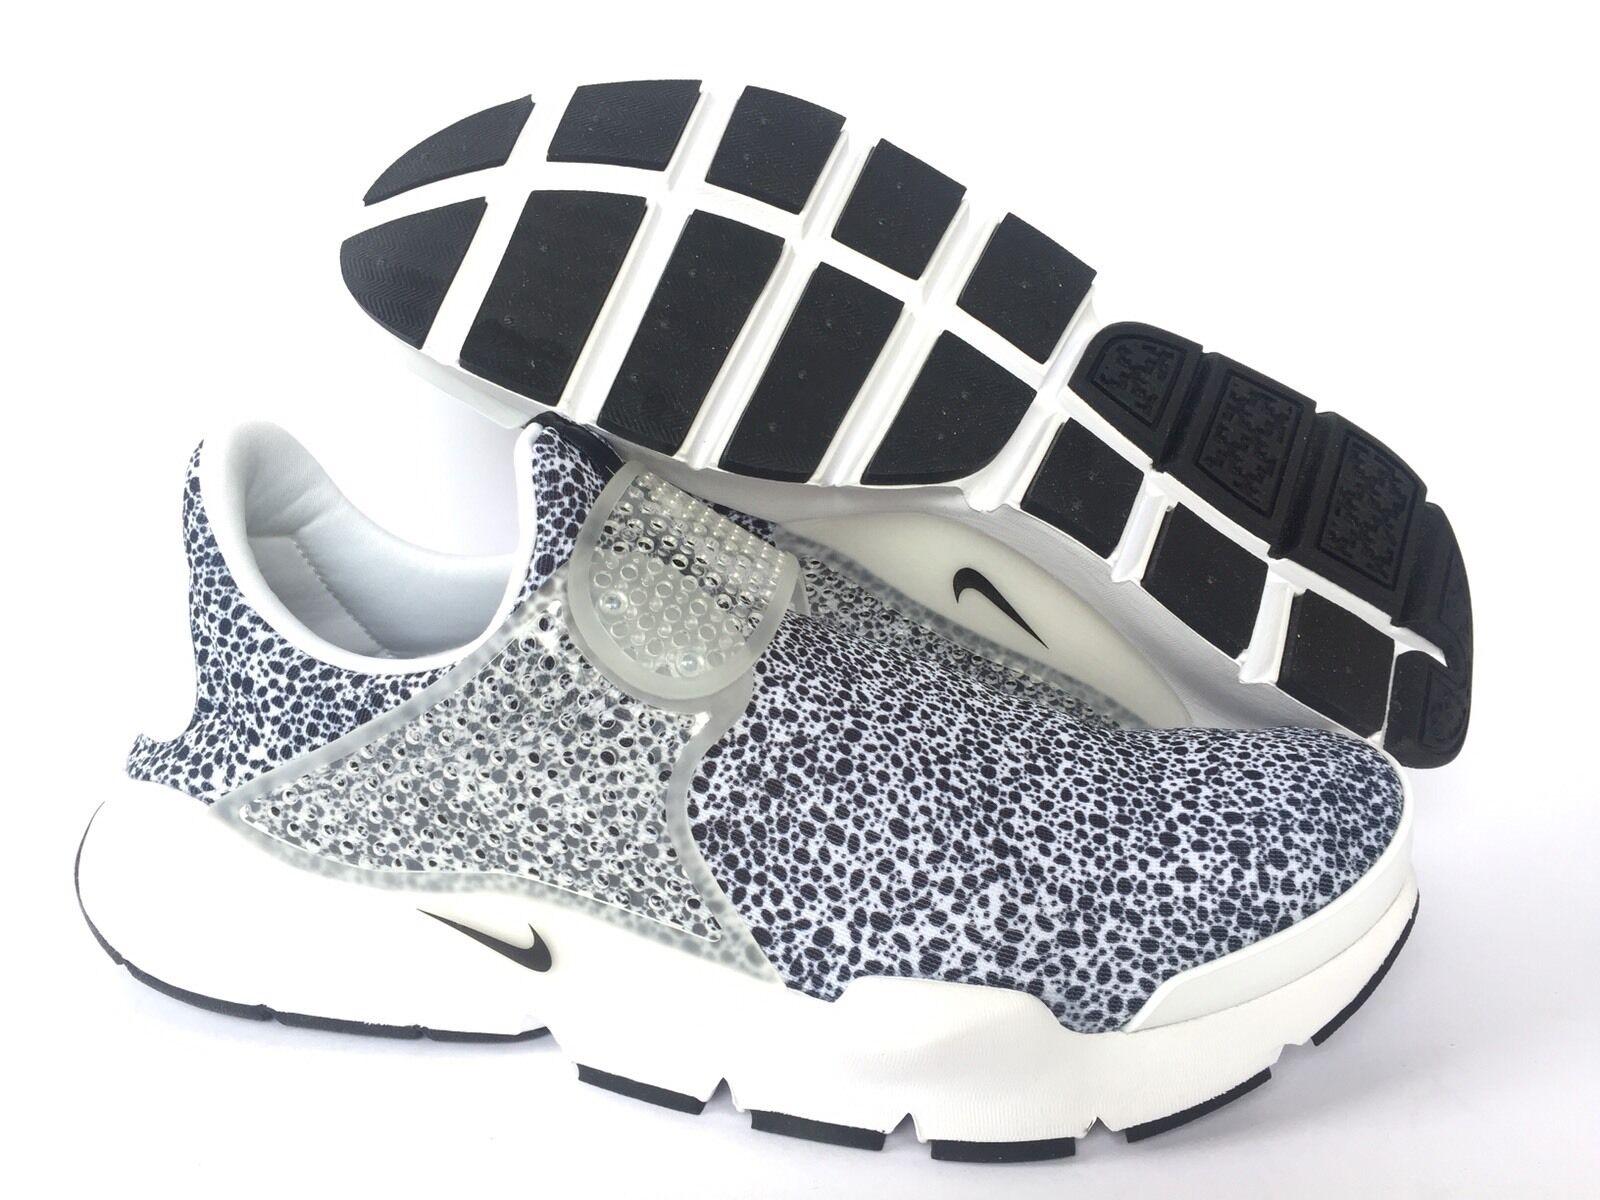 Calcetín de Blanco/Negro Nike Dart Qs Nuevo Blanco/Negro de [9421982018] nos Talla Hombre 11 e90a08